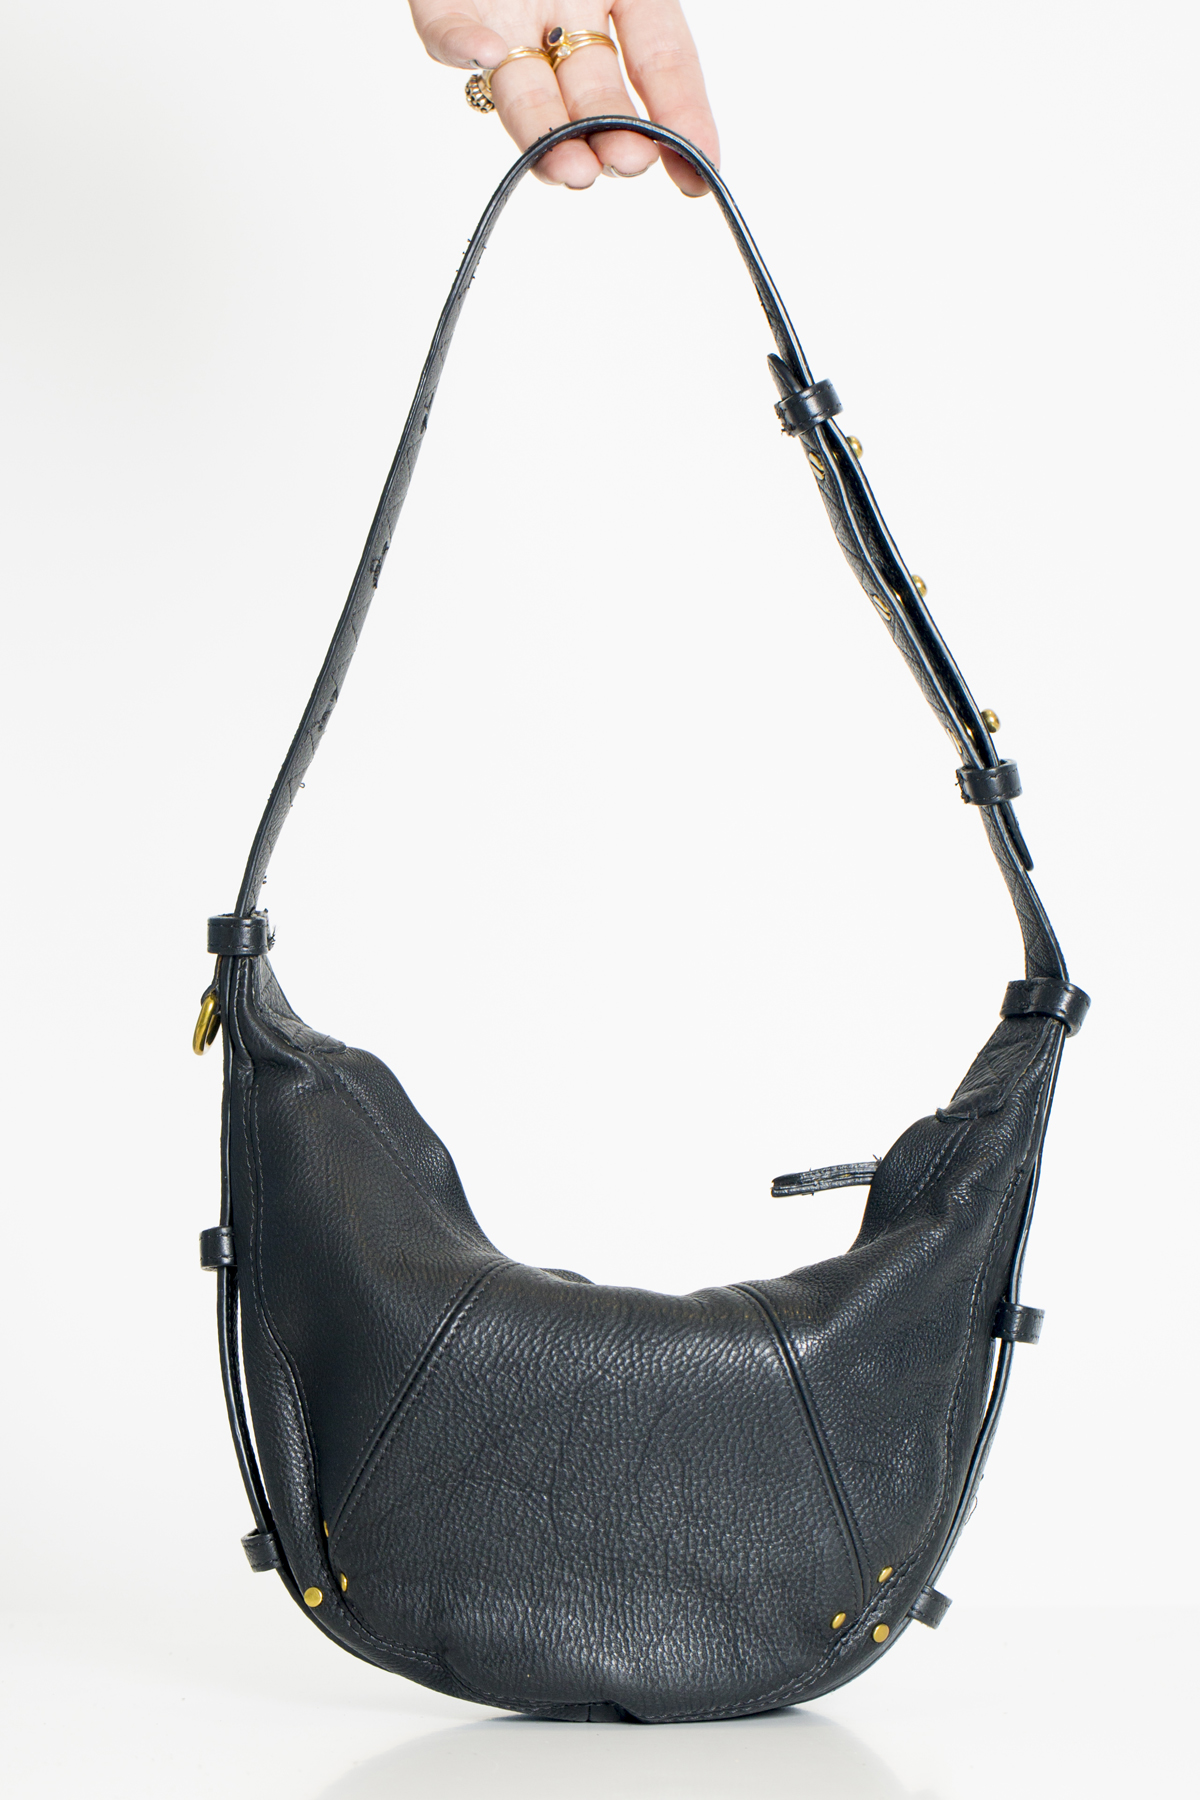 william-black-banana-leather-shoulder-jerome-dreyfuss-matchboxathens